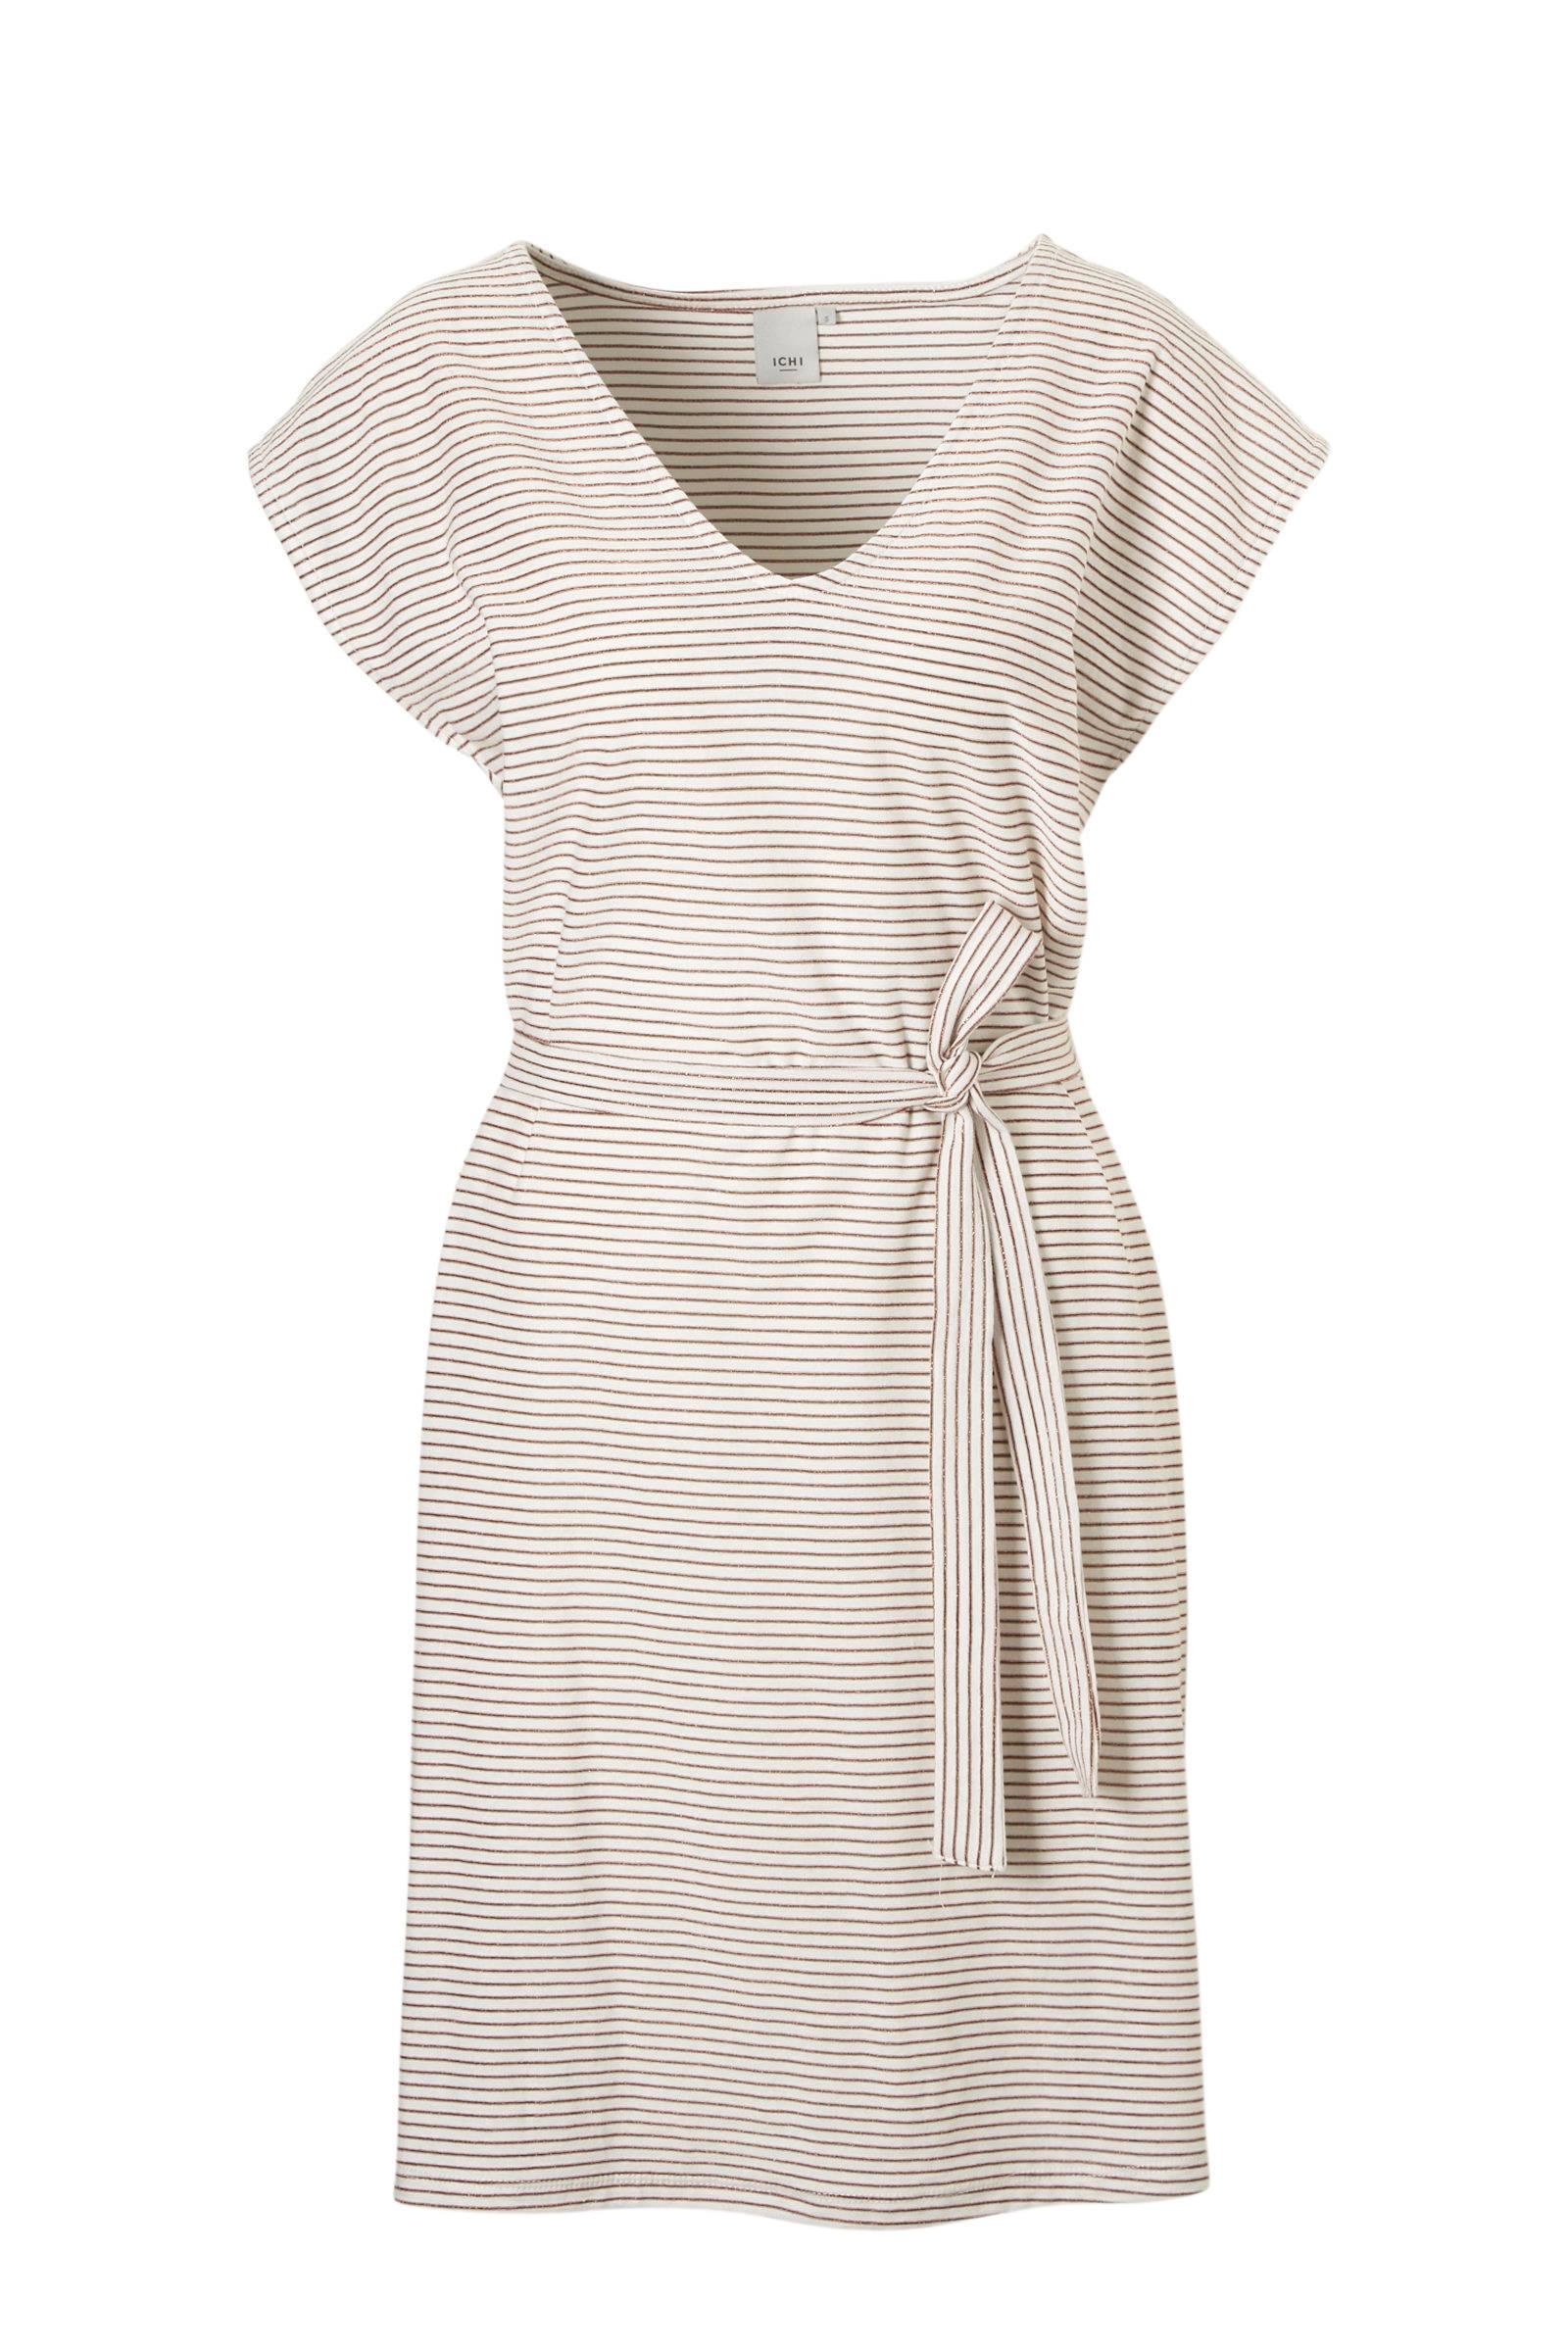 streepjes jurk blauw wit